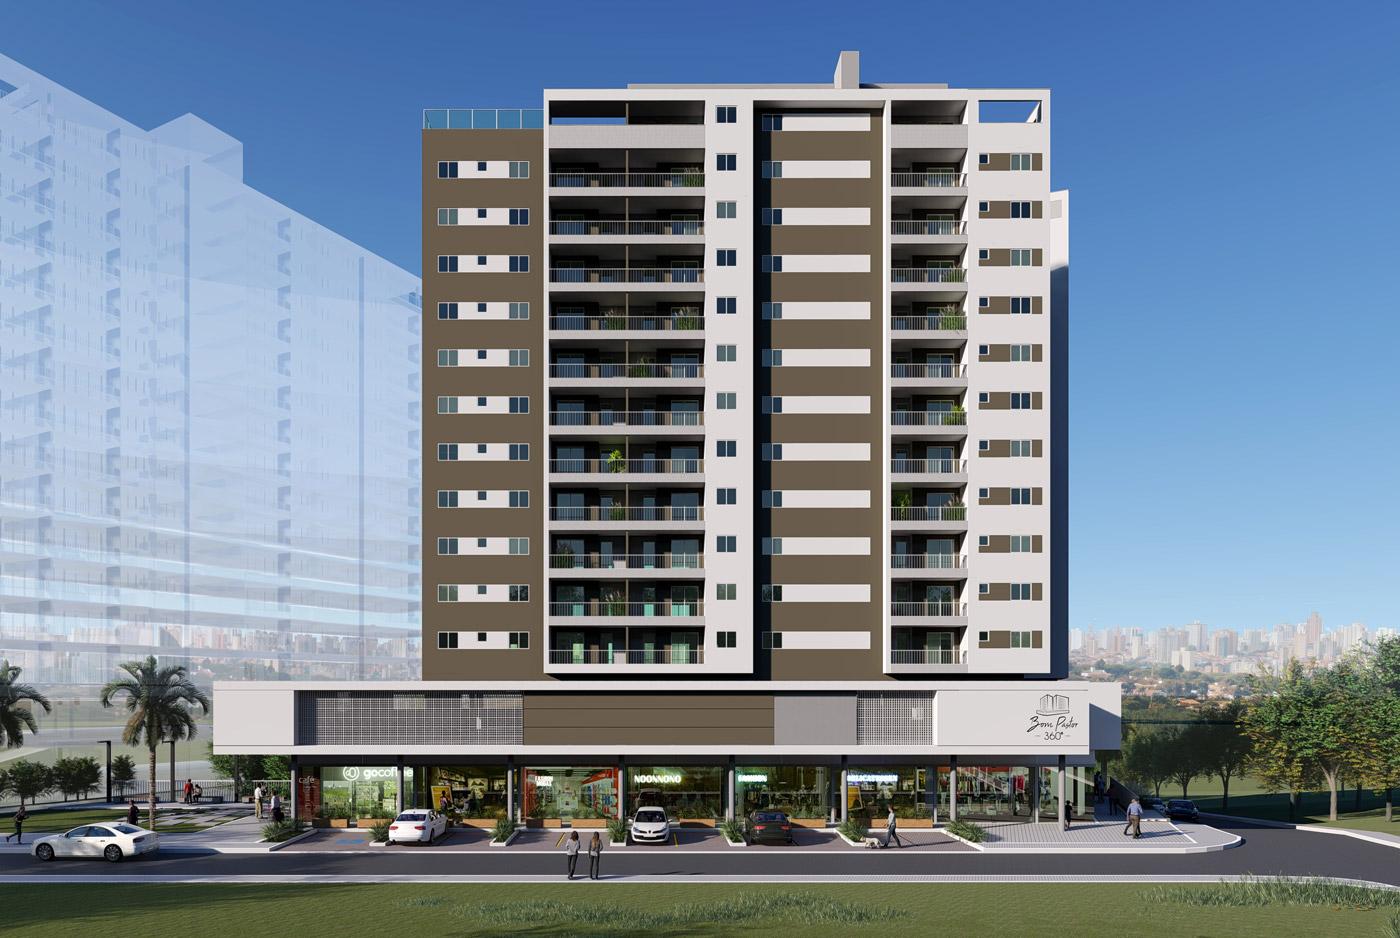 fachada empreendimento imobiliário 5 - bom pastor 360